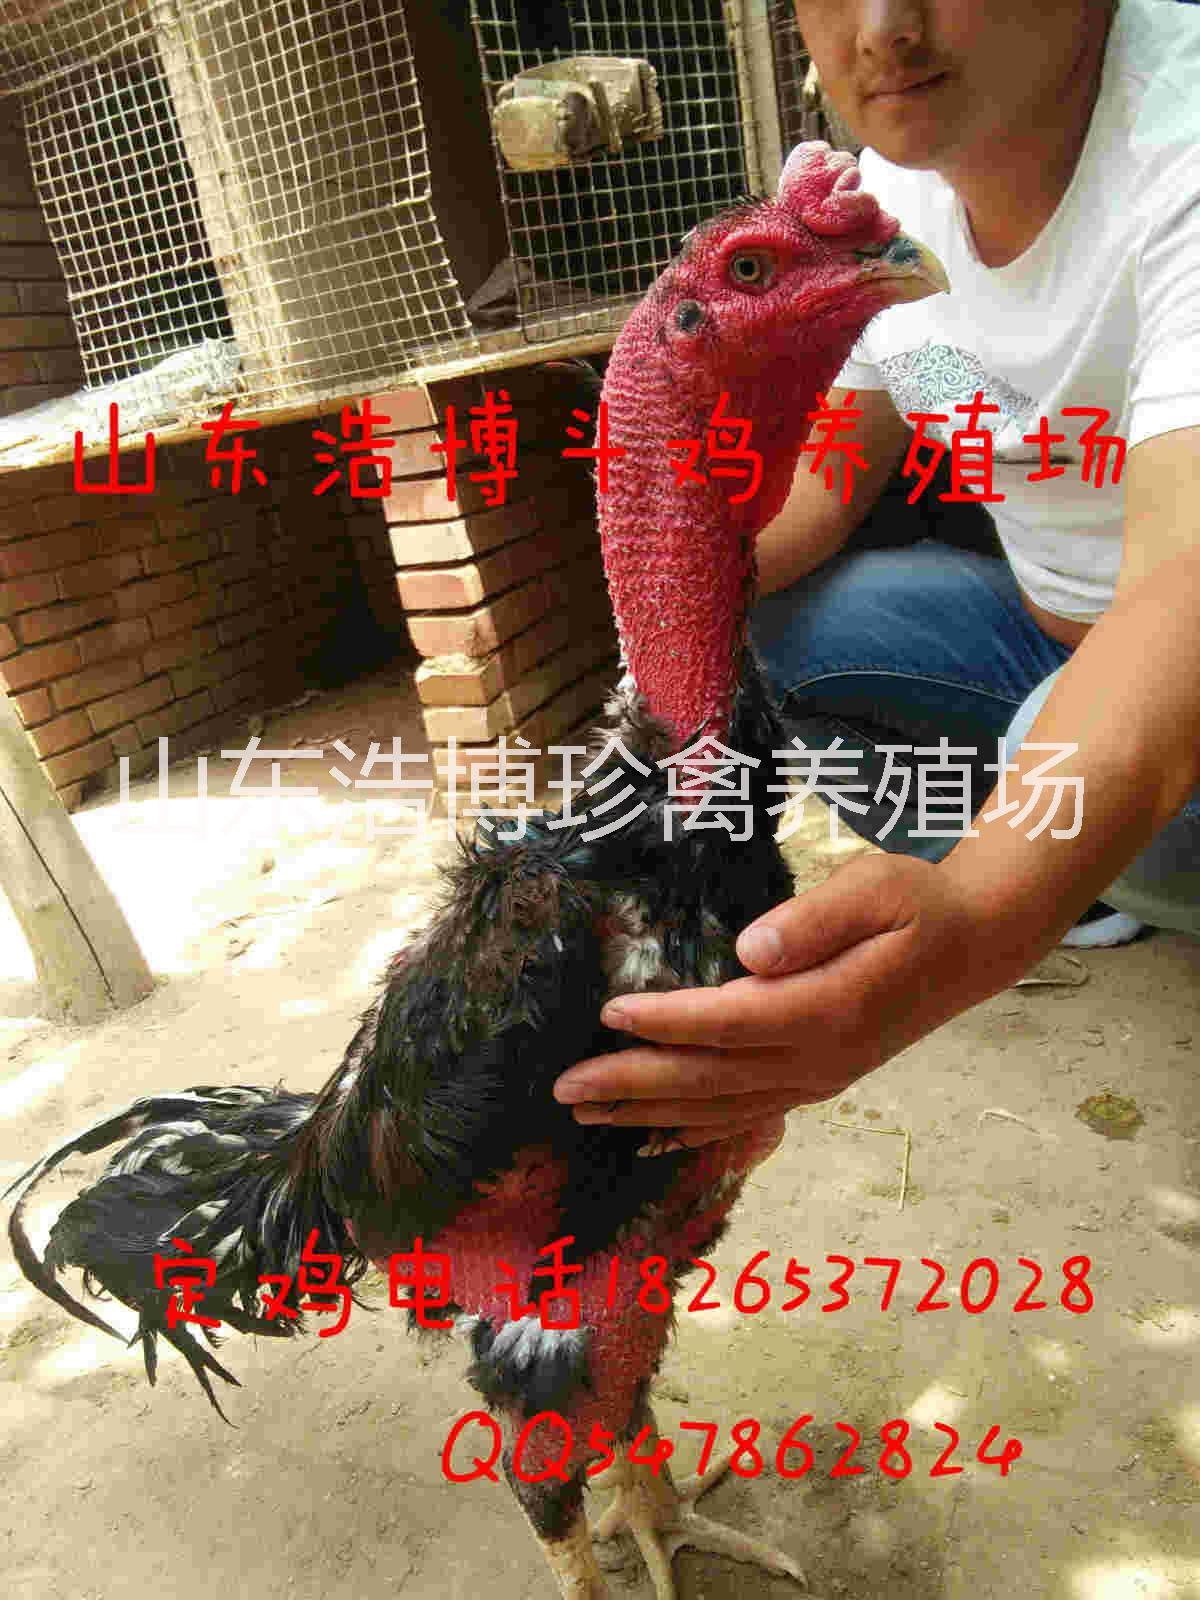 纯种斗鸡价格_贵州越南斗鸡养殖场,鬼子斗鸡价格